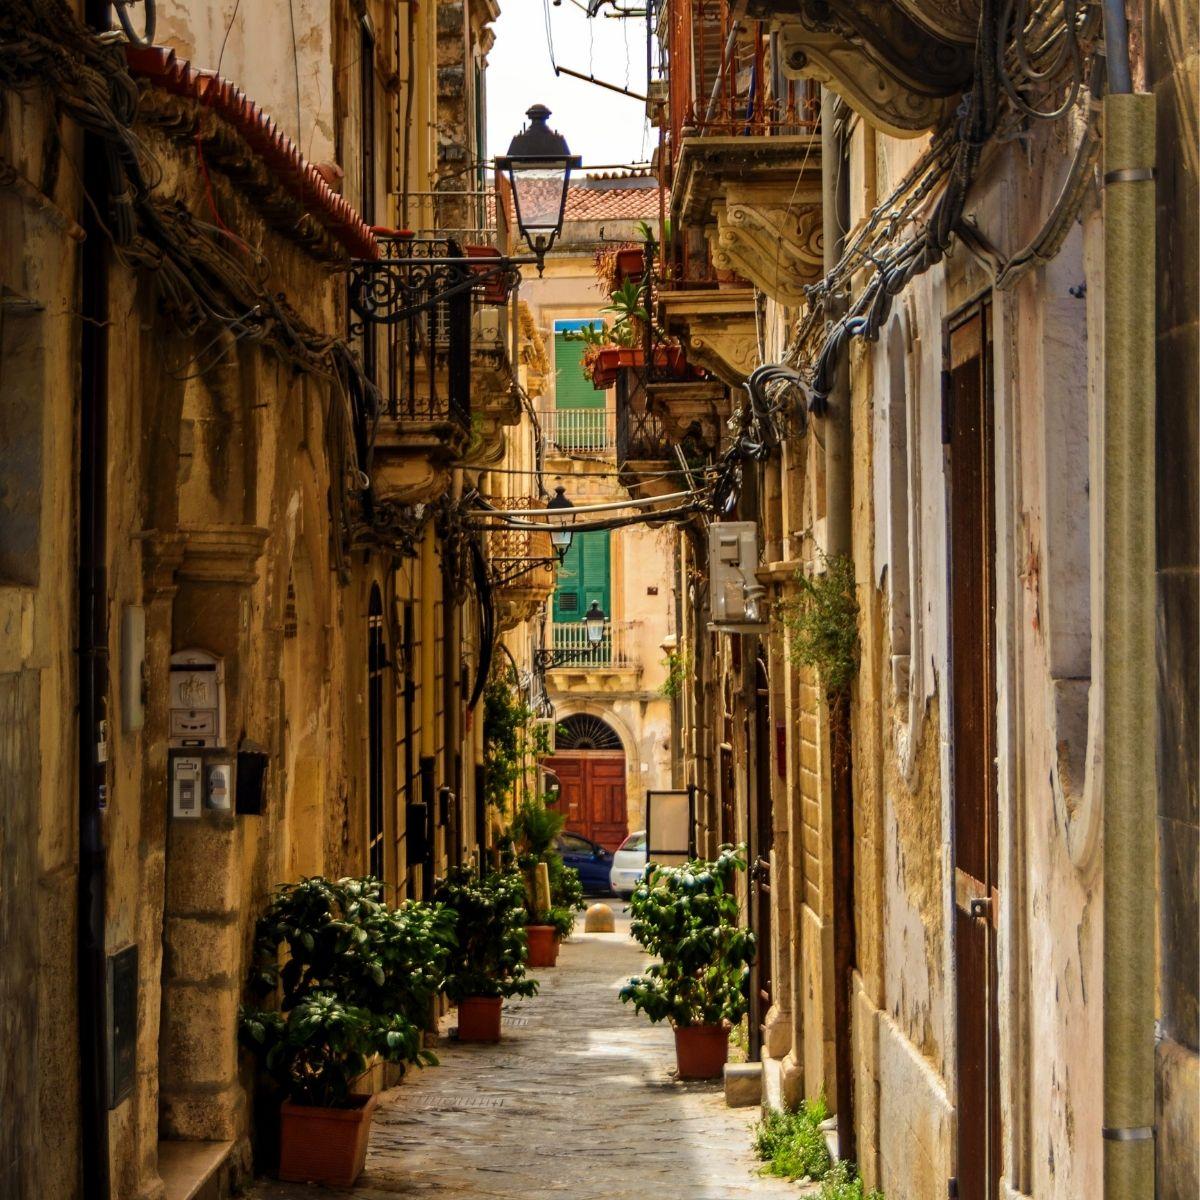 casas en itala por 1 euro es real